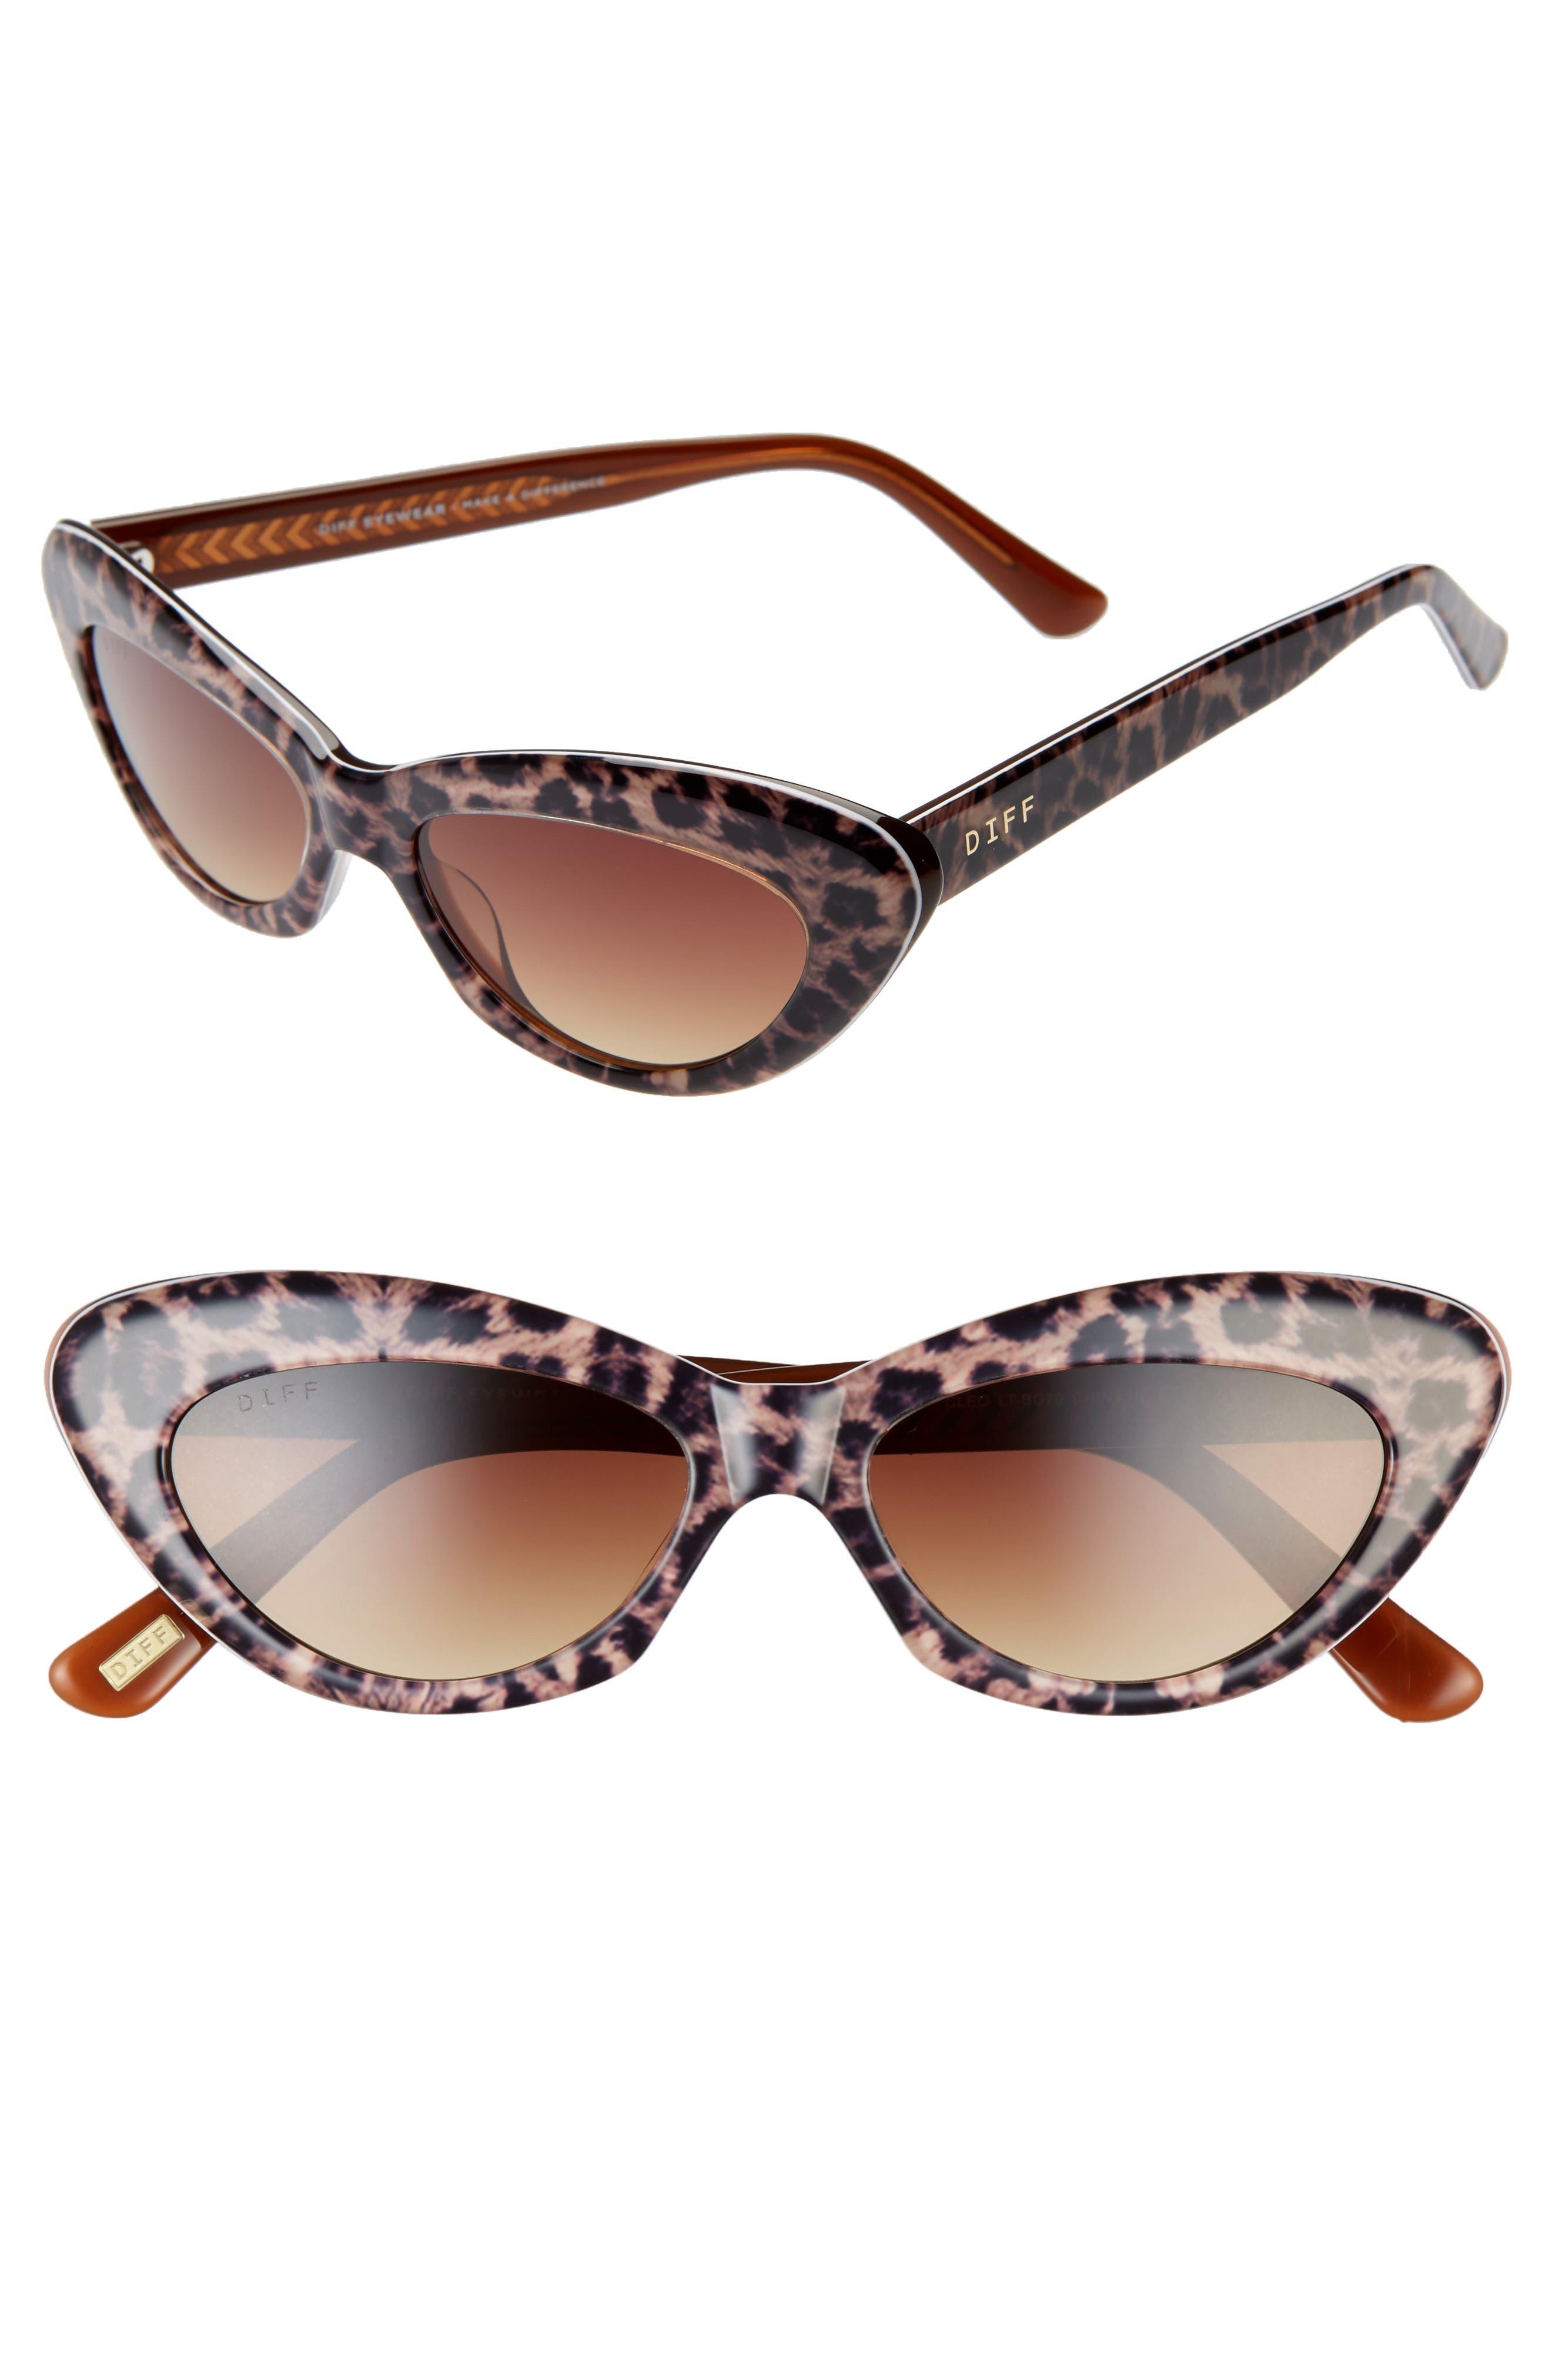 e94d967299 DIFF Sunglasses for Women   Nordstrom